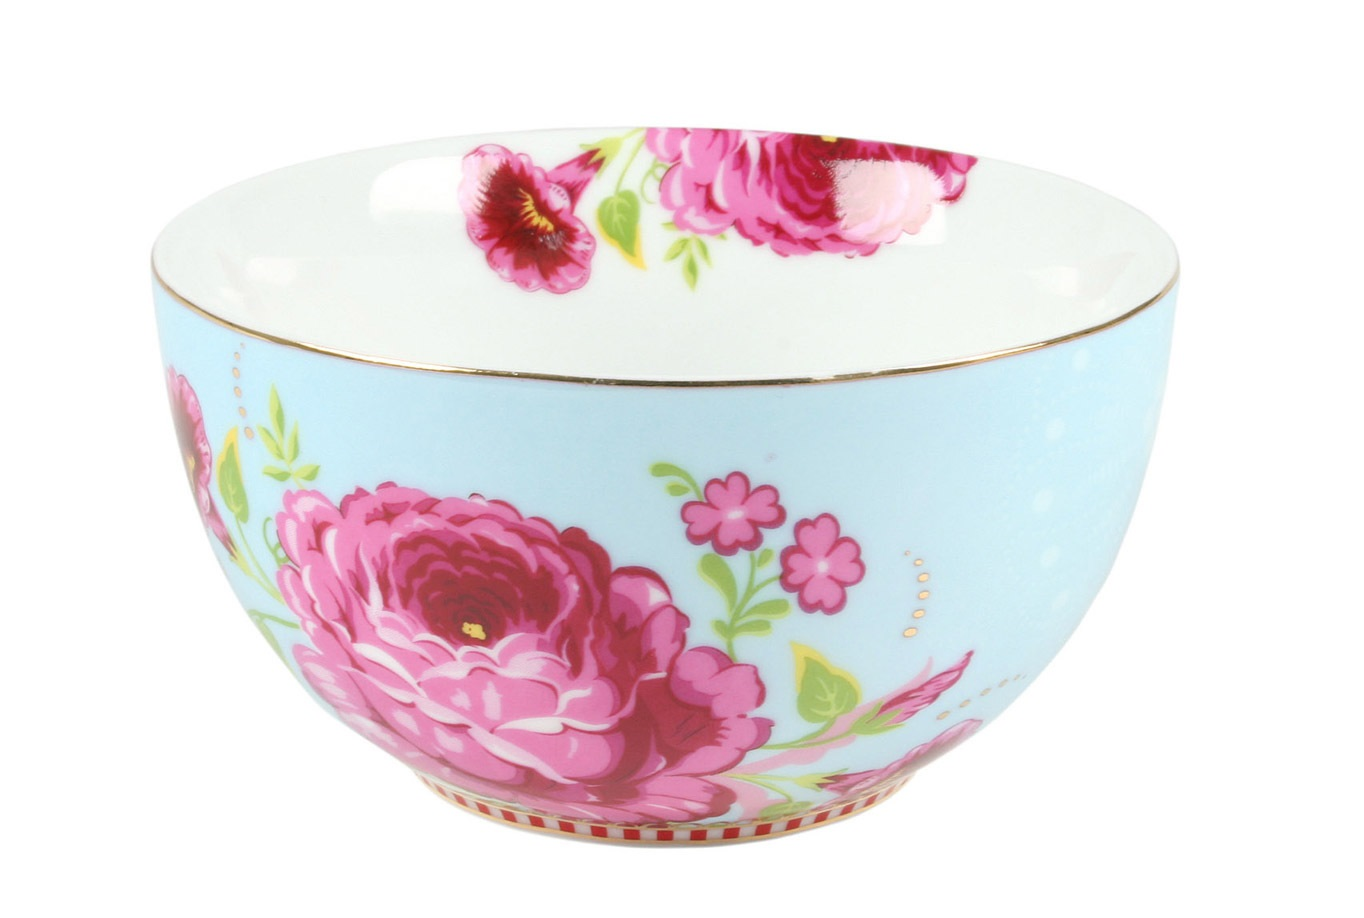 Набор пиал Floral (2шт)Миски и чаши<br>Коллекция посуды Floral появилась в 2008 г. и состоит из нескольких дизайнов, которые прекрасно сочетаются между собой и отлично дополняют друг друга. Особенность коллекции - в декорировании цветами, птицами и позолотой на всех предметах. Коллекция состоит из трёх цветовых групп - розовой, хаки и голубой, которые можно бесконечно комбинировать между собой. Коллекция также включает в себя кухонный текстиль и стекло.&amp;lt;div&amp;gt;&amp;lt;br&amp;gt;&amp;lt;/div&amp;gt;&amp;lt;div&amp;gt;&amp;lt;span style=&amp;quot;font-size: 14px;&amp;quot;&amp;gt;Не использовать в микроволновой печи. Не рекомендуется мыть в посудомоечной машине.&amp;amp;nbsp;&amp;lt;/span&amp;gt;&amp;lt;br&amp;gt;&amp;lt;/div&amp;gt;<br><br>Material: Фарфор<br>Width см: None<br>Depth см: None<br>Height см: 7<br>Diameter см: 12